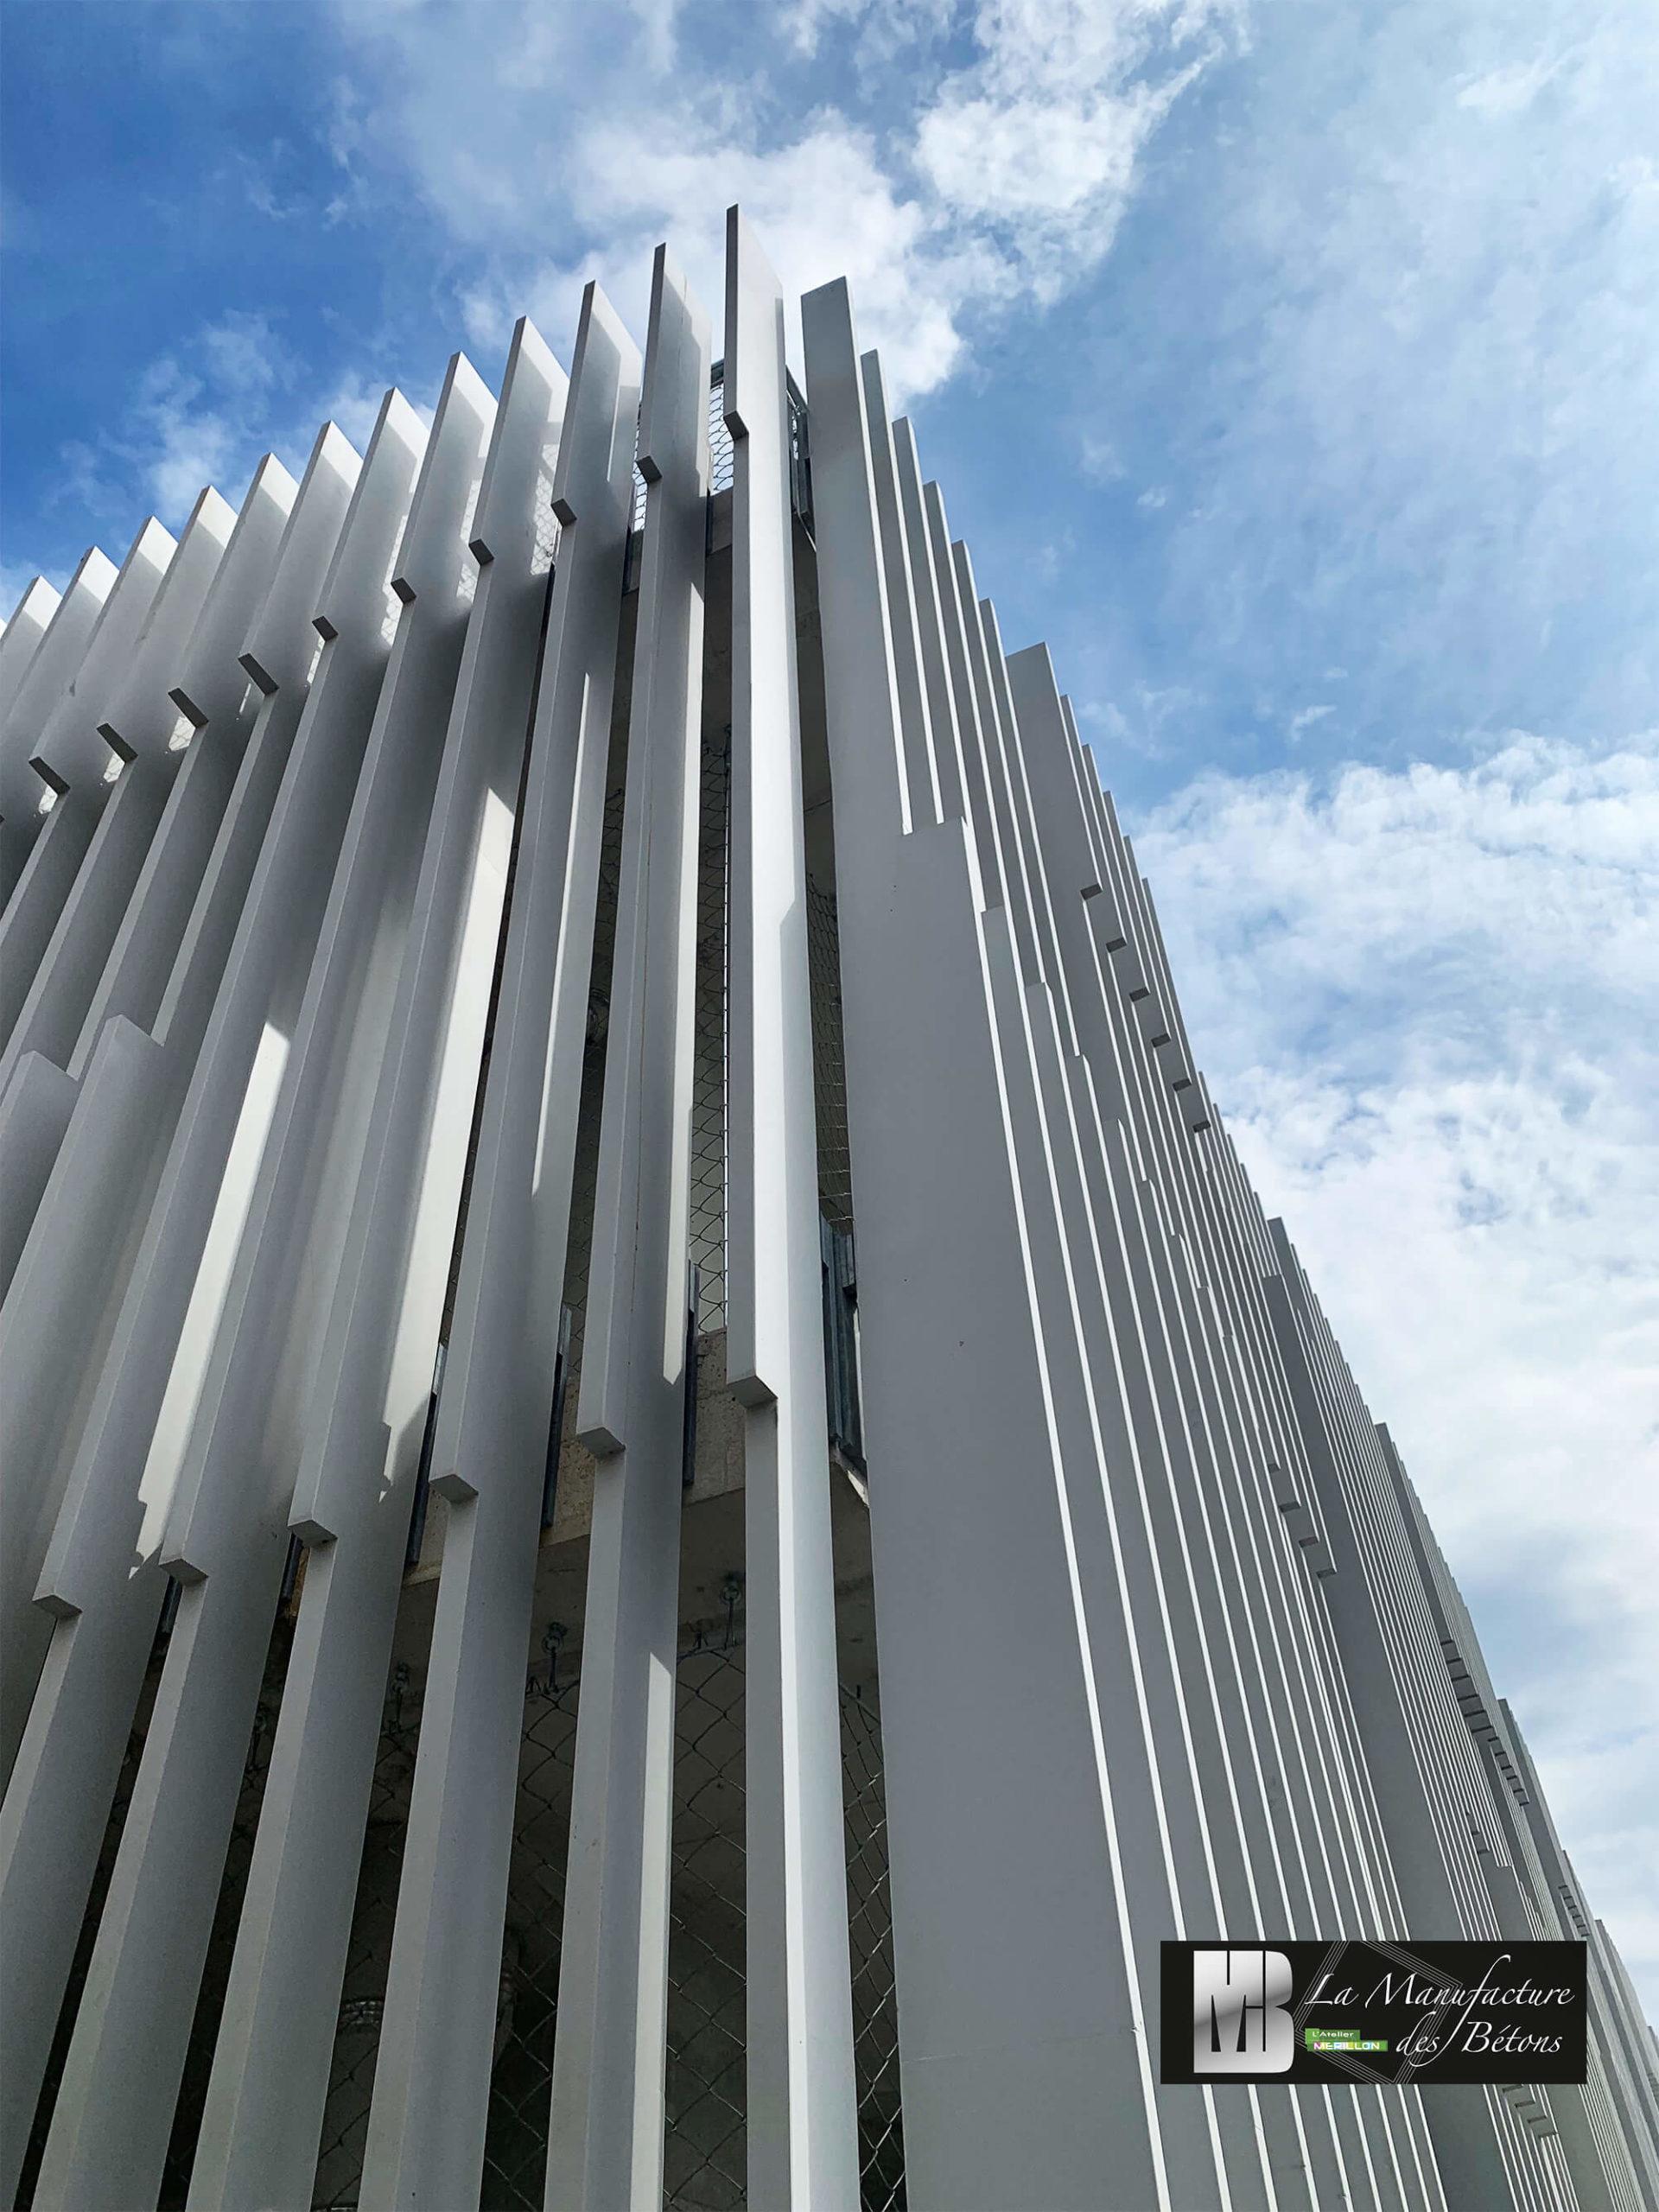 Lames de façade en béton architectonique